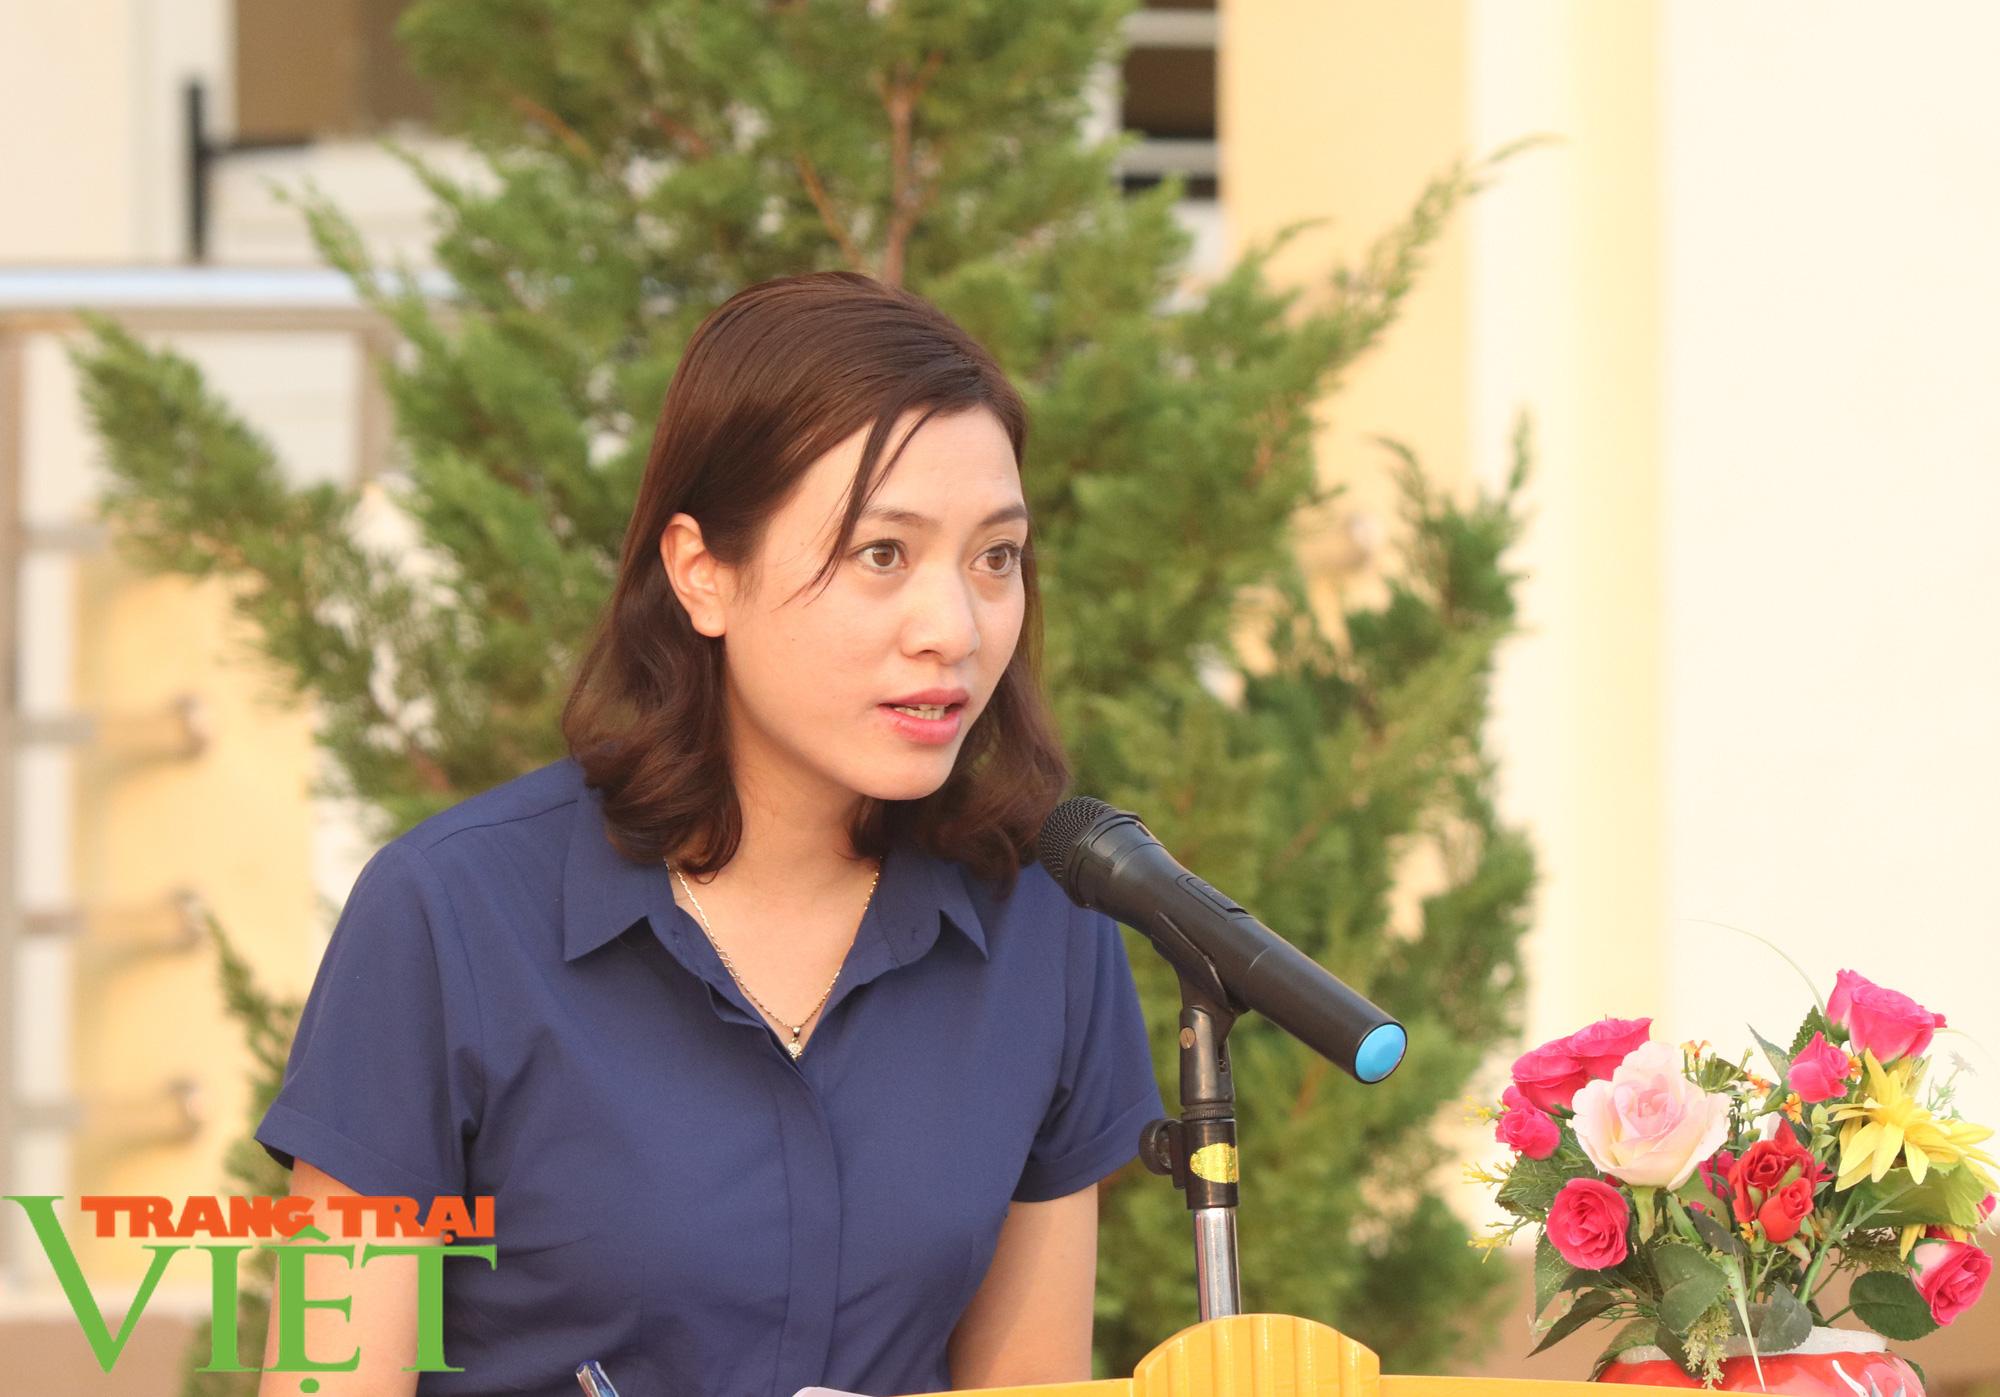 Báo NTNN/Dân Việt/Trang Trại Việt chung tay lo tết với nông dân nghèo Sơn La  - Ảnh 12.